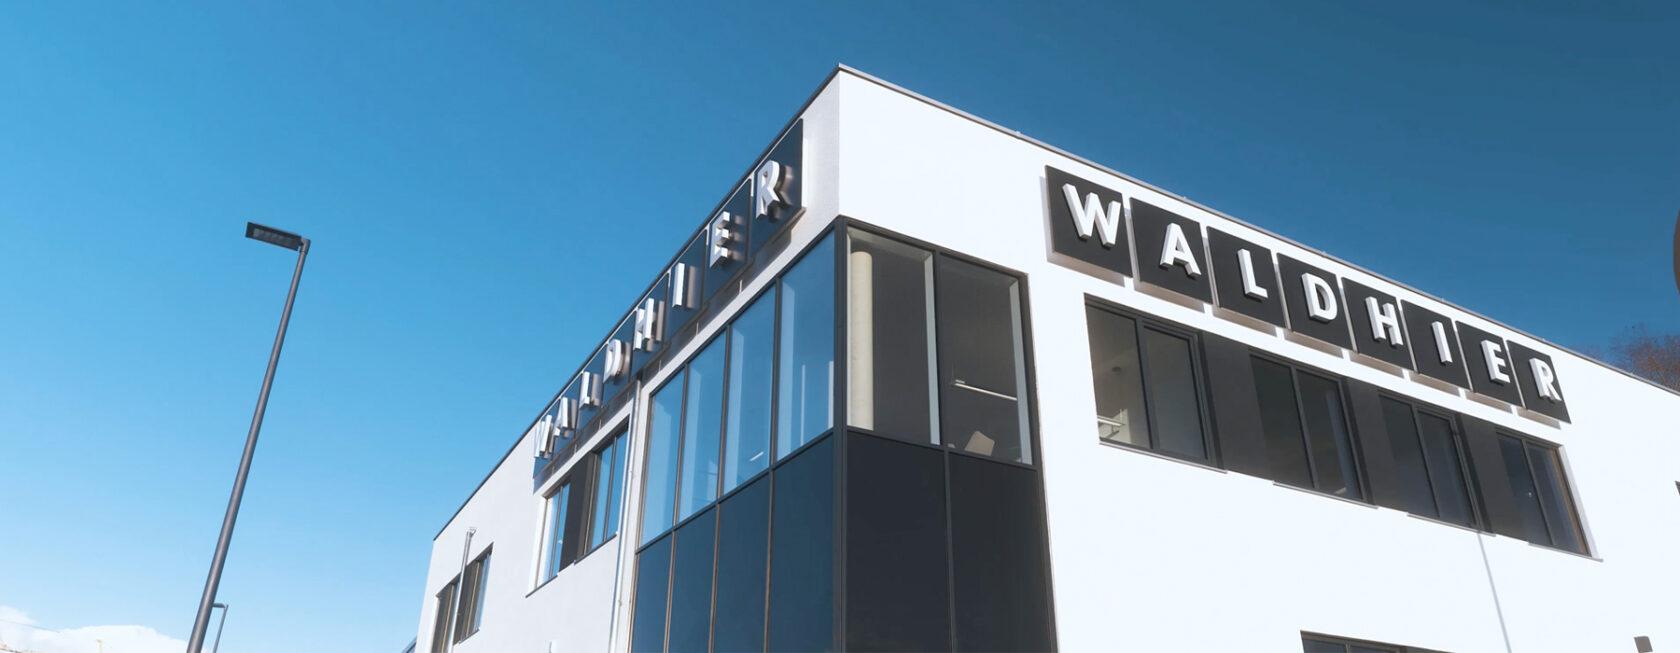 Waldhier-Showroom-Gebaeude-Aussenansicht